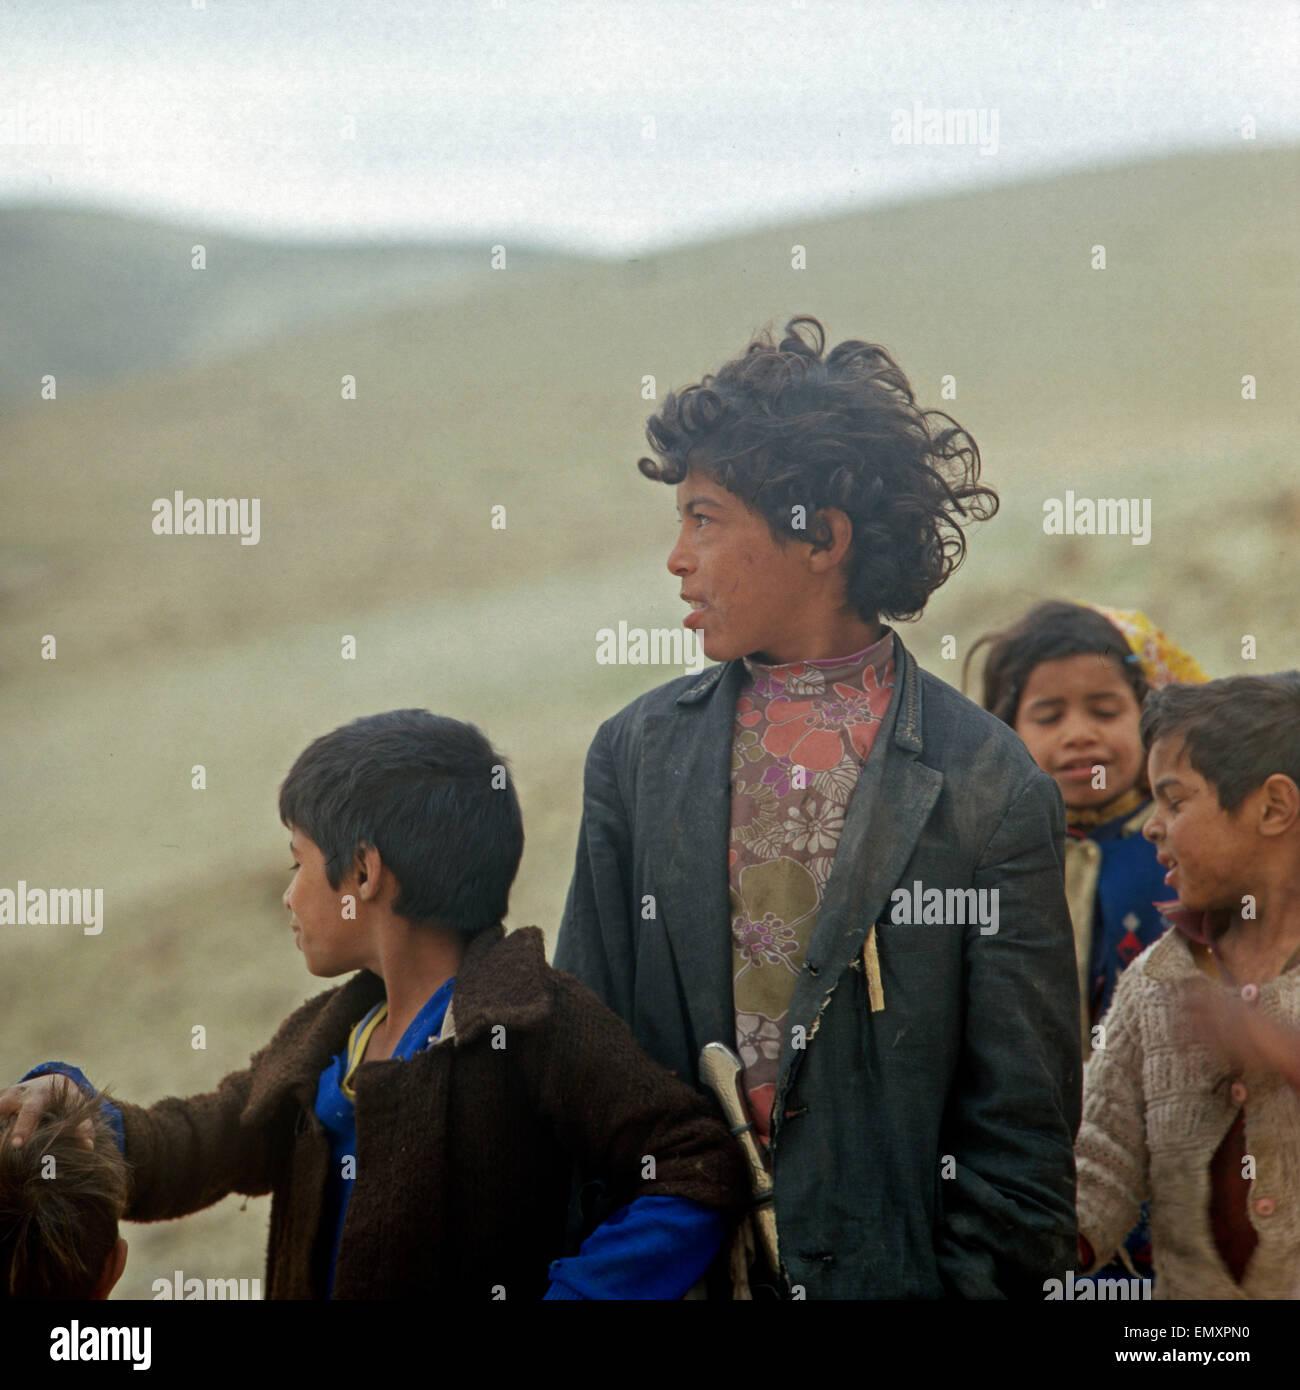 Kinder Einer Großfamilie in Einem Bediunenzeltlager, Israel Ende 1970er Jahre. Kinder einer großen Familie Stockbild